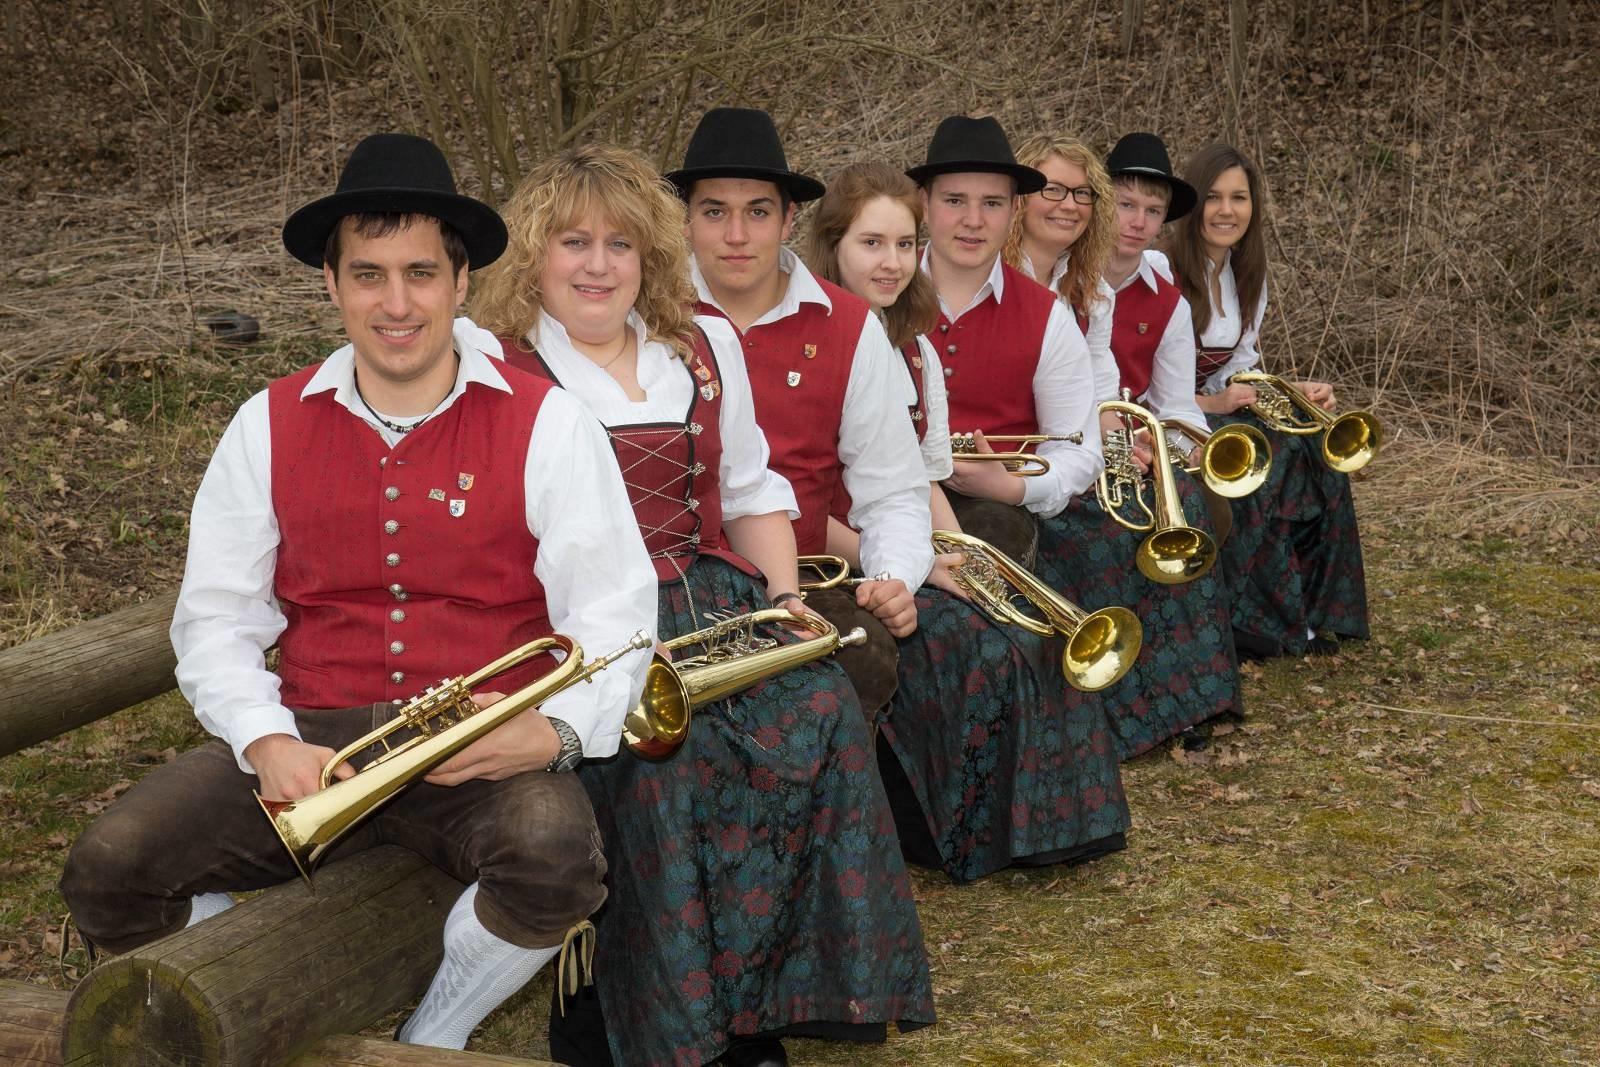 von links: Daniel Schedel, Petra Schuhwerk, Patrick Wörz, Katja Maier, Cedric Schreiber, Kathrin Betz, Rainer Müller, Lena Muck